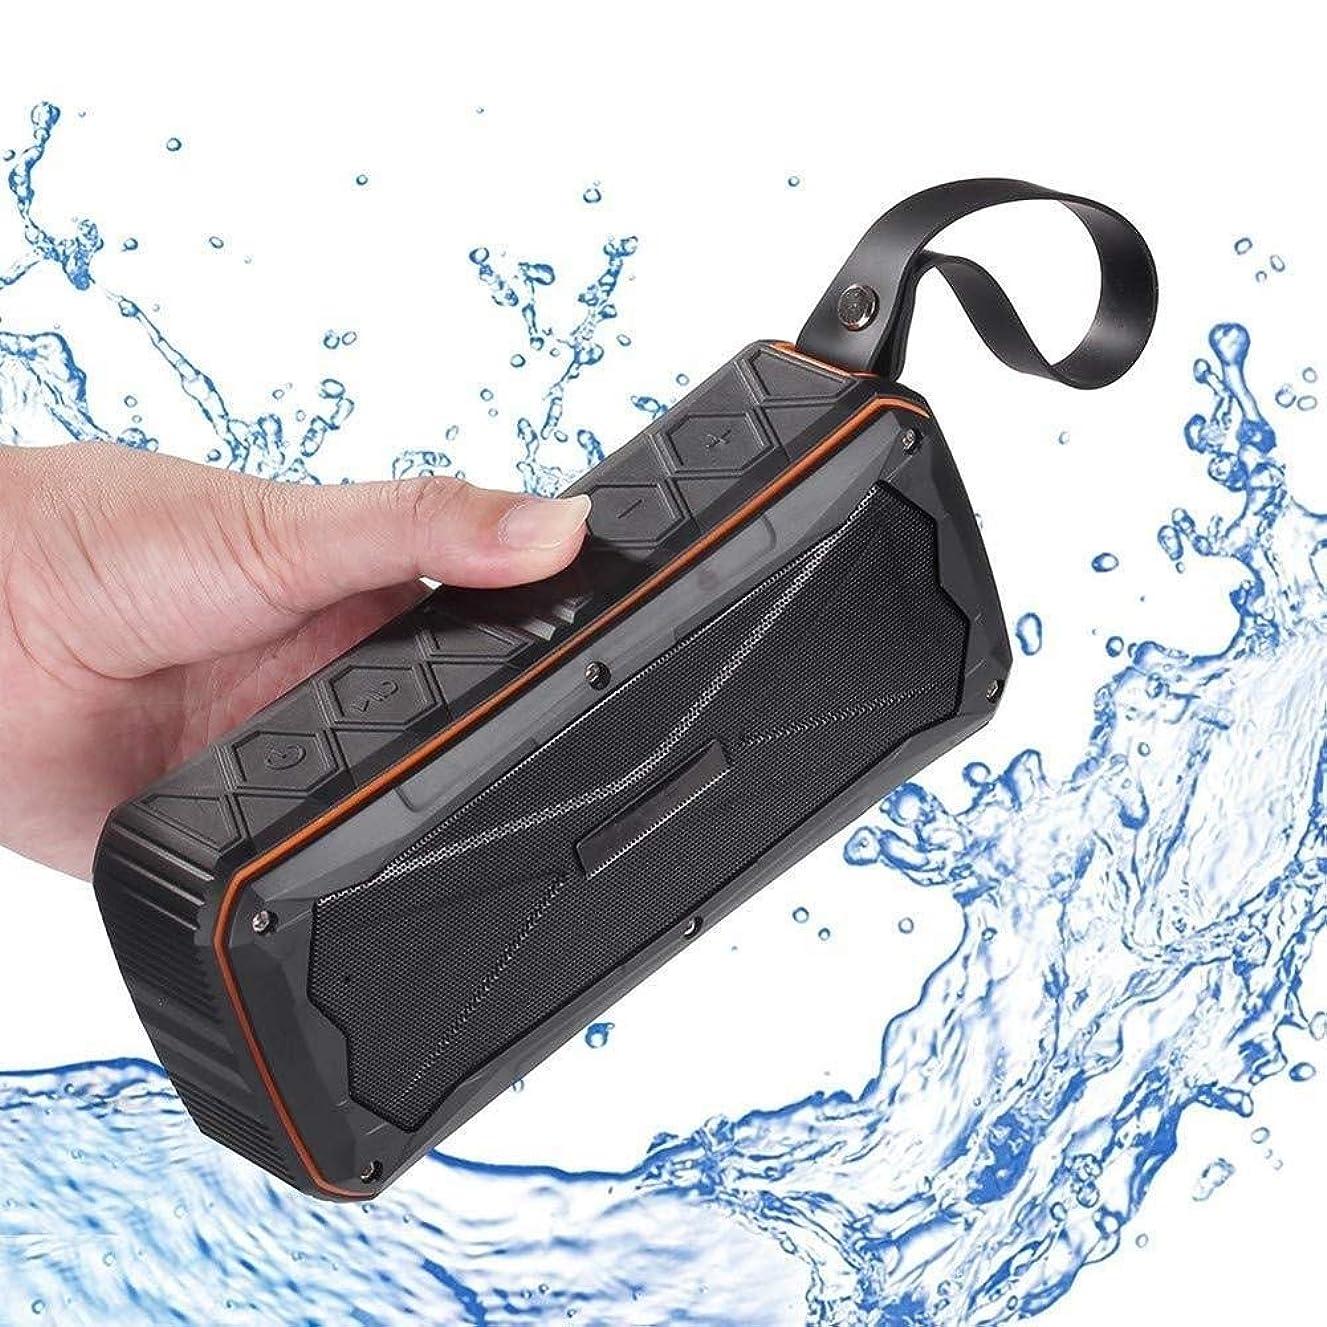 帽子疎外中絶IP66防水ブルートゥーススピーカーポータブルV4.1ミニスピーカーサブウーファーワイヤレスハンズフリー通話屋外スピーカー (色 : 黄)